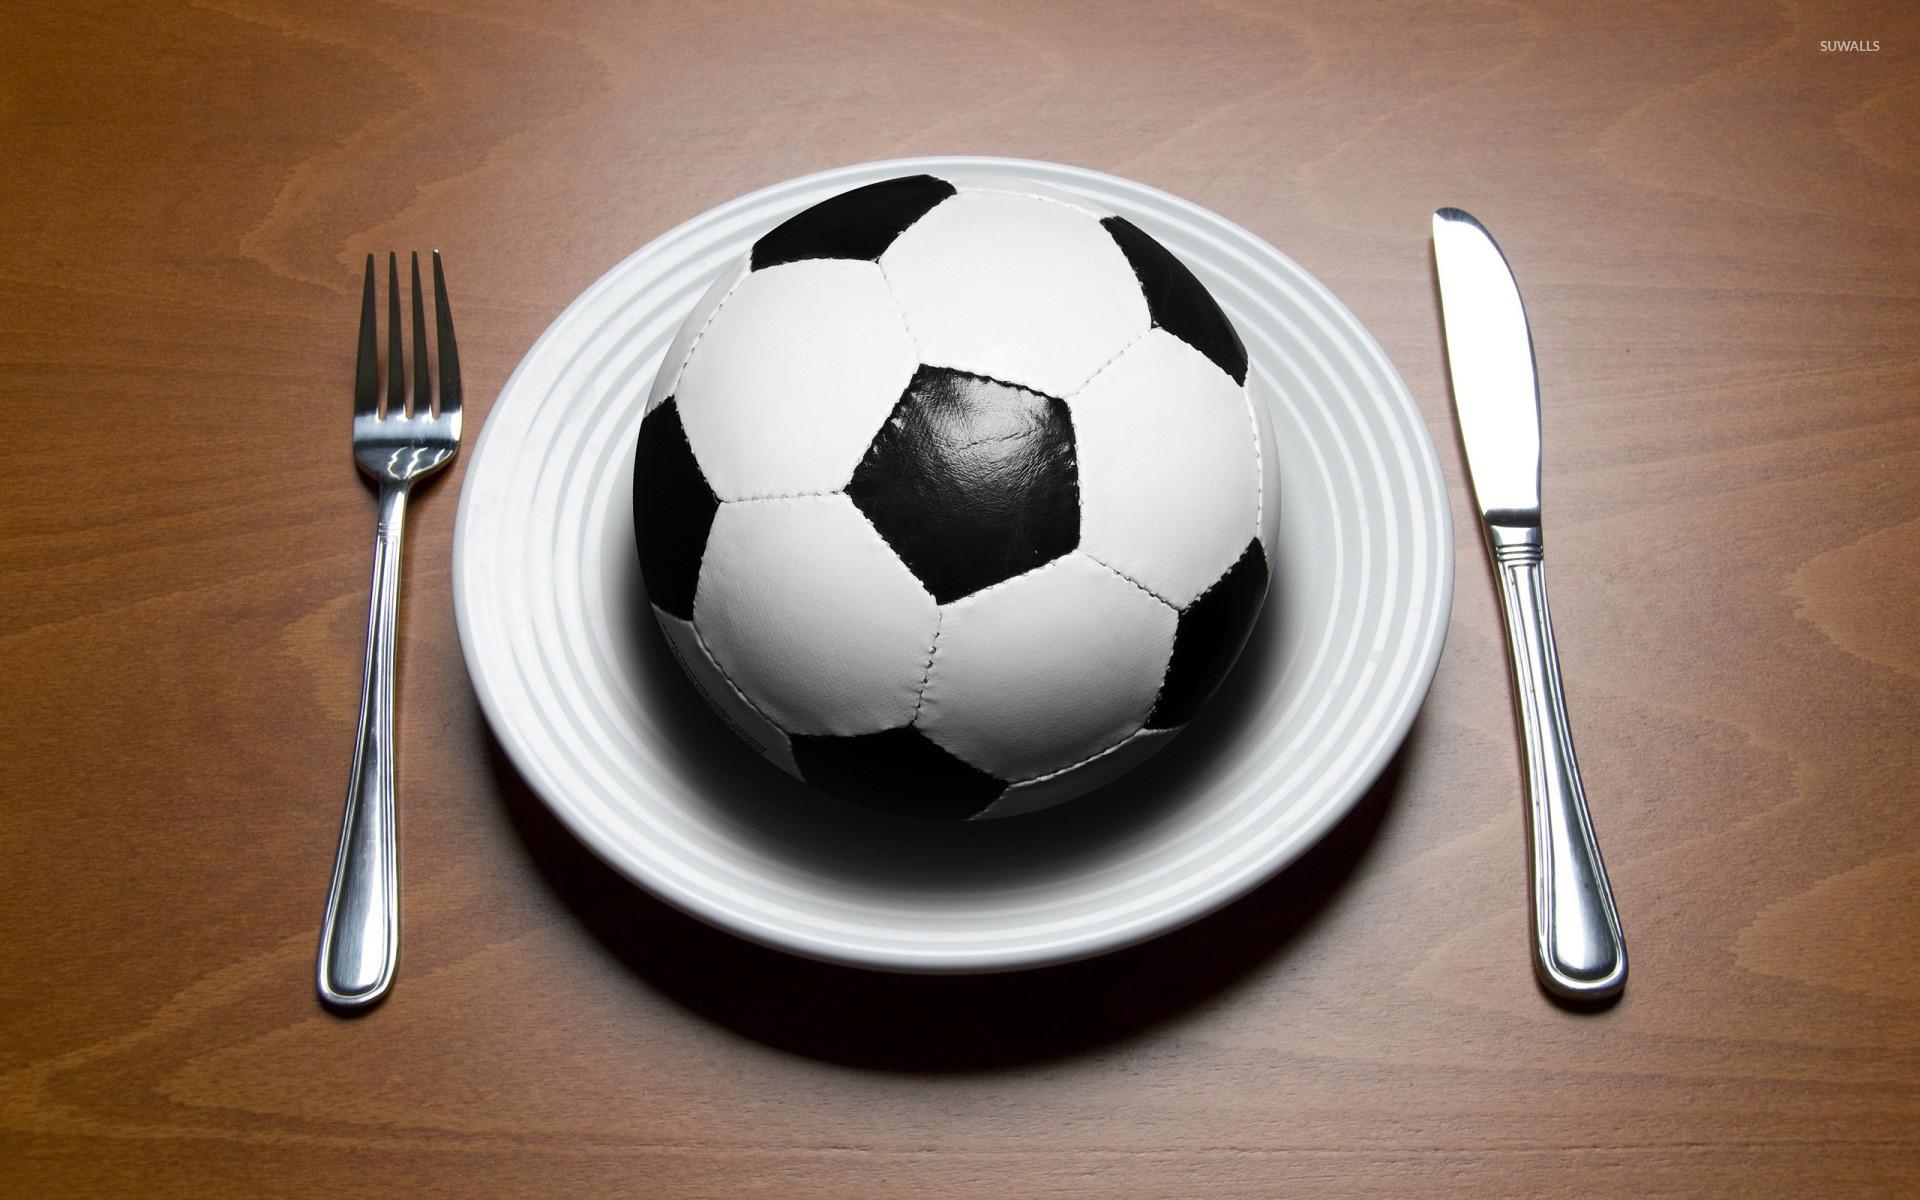 Soccer ball for lunch wallpaper jpg